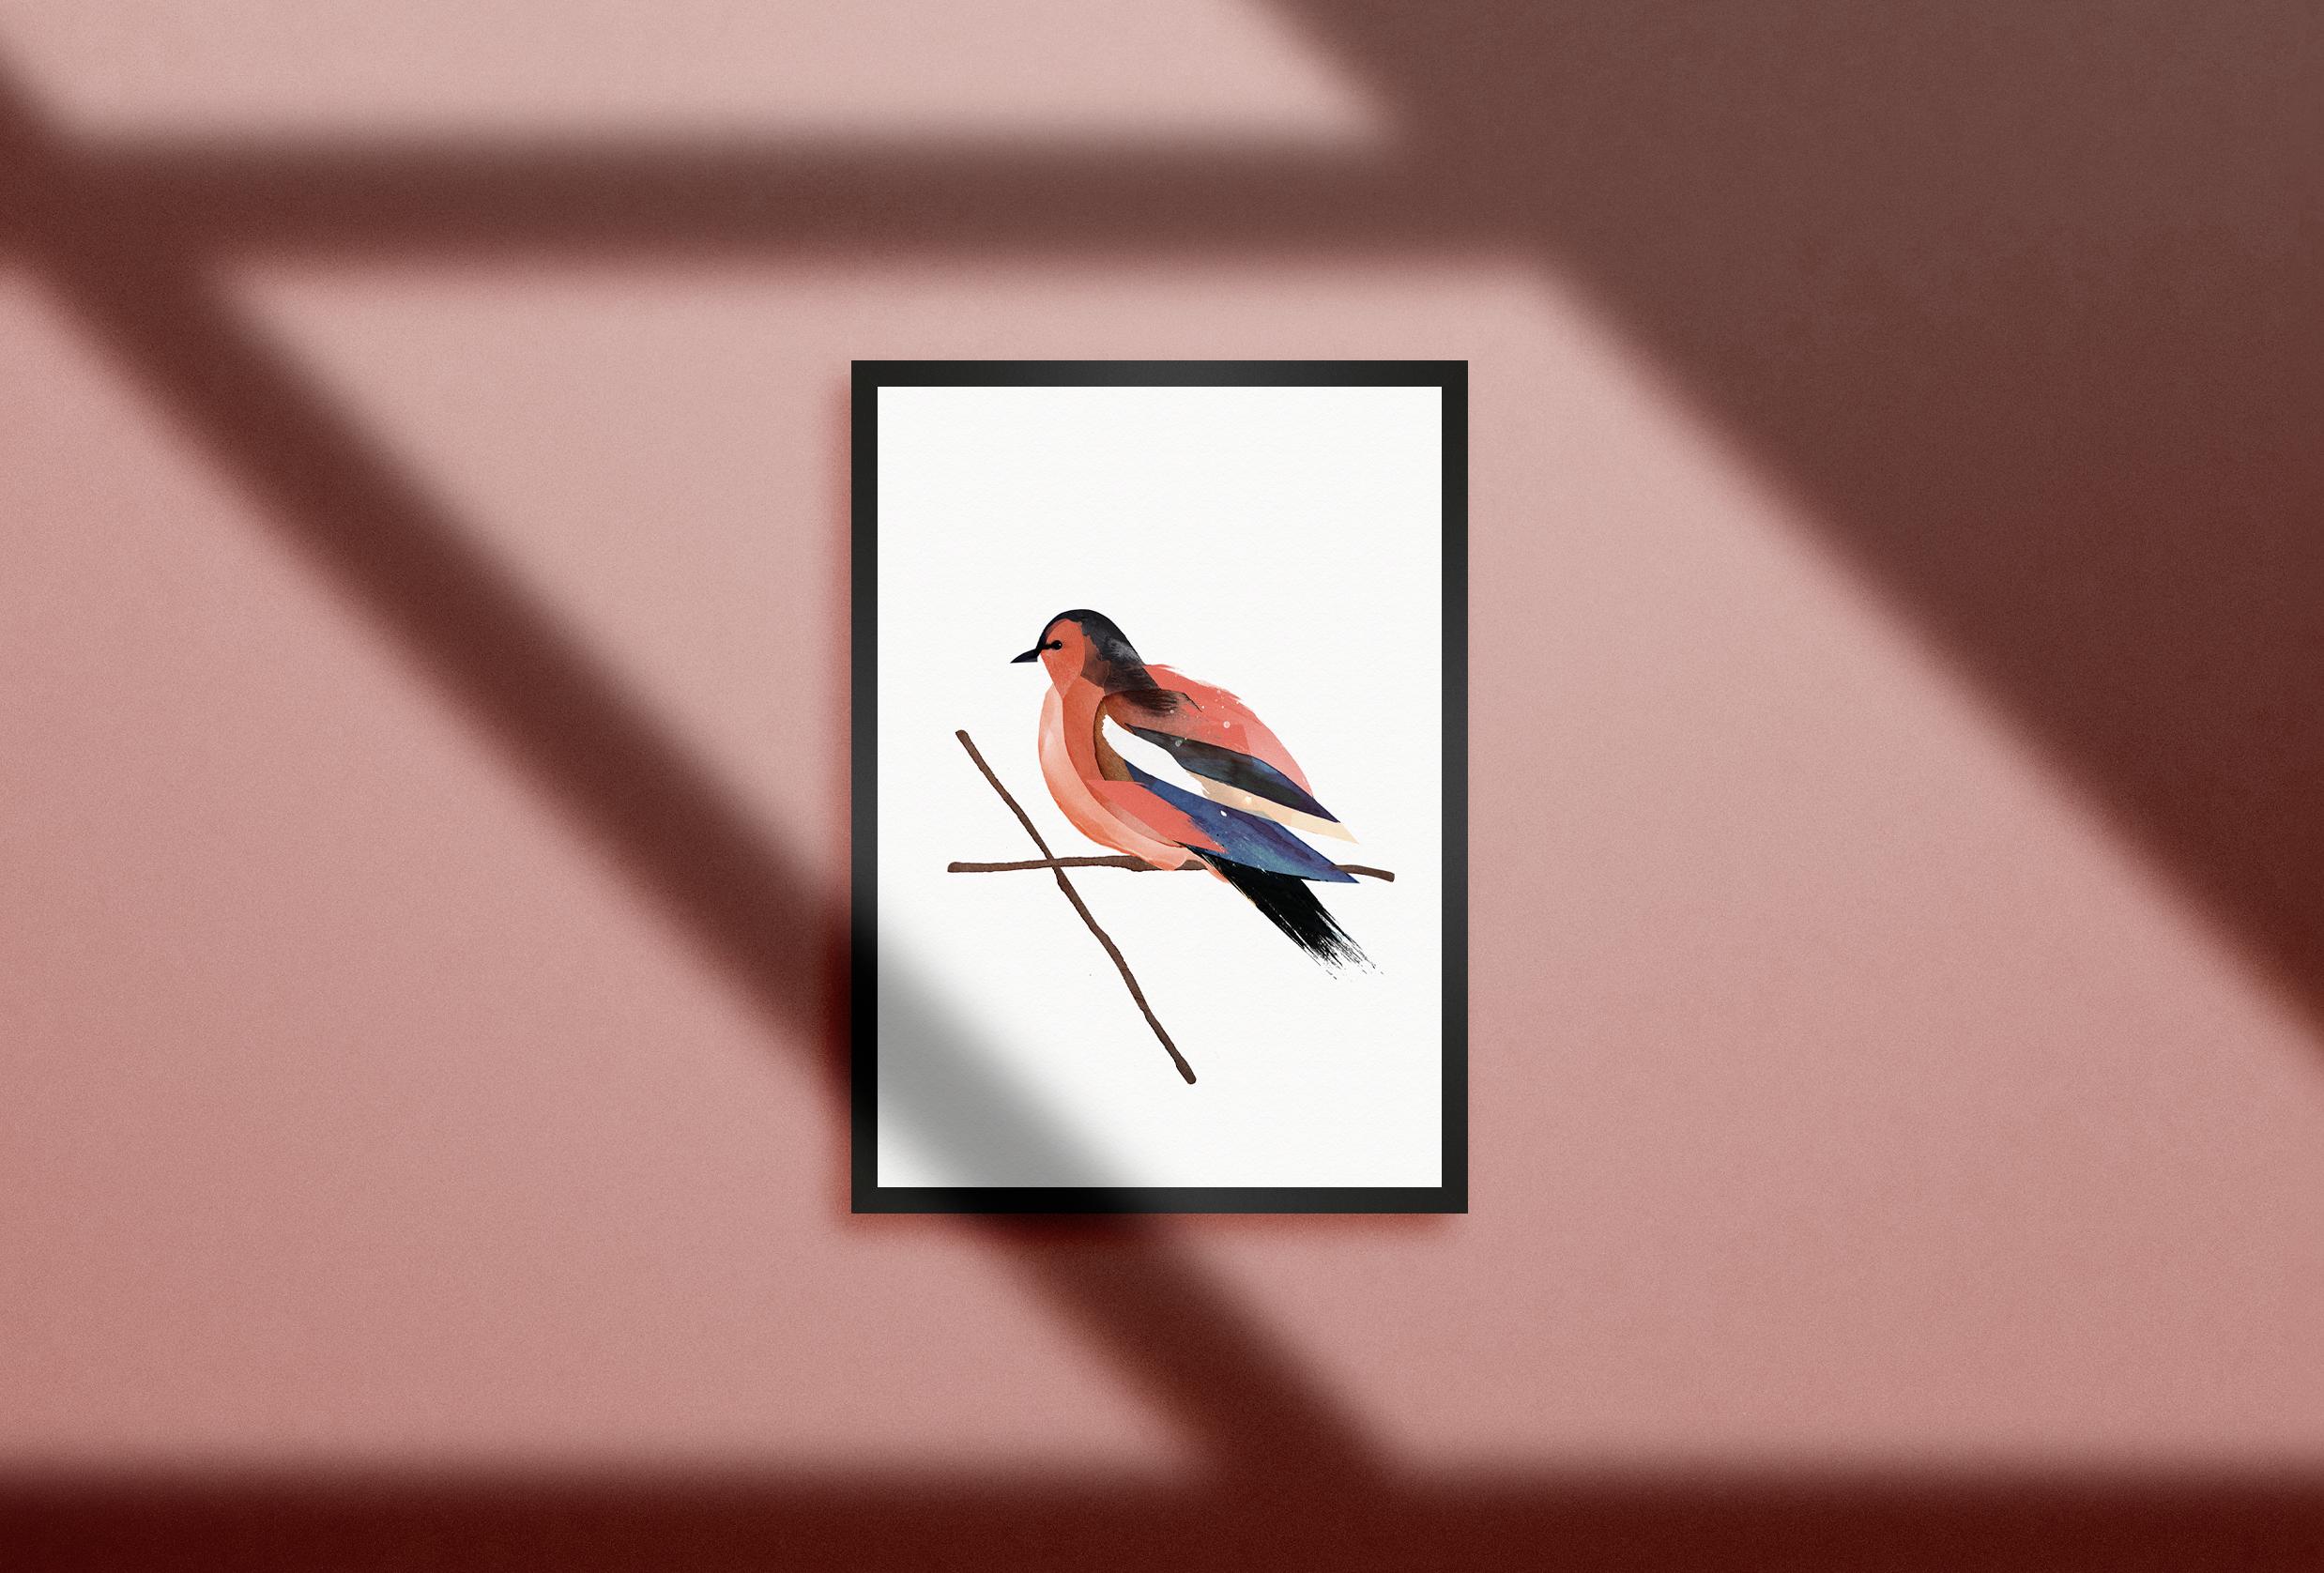 bird_frame